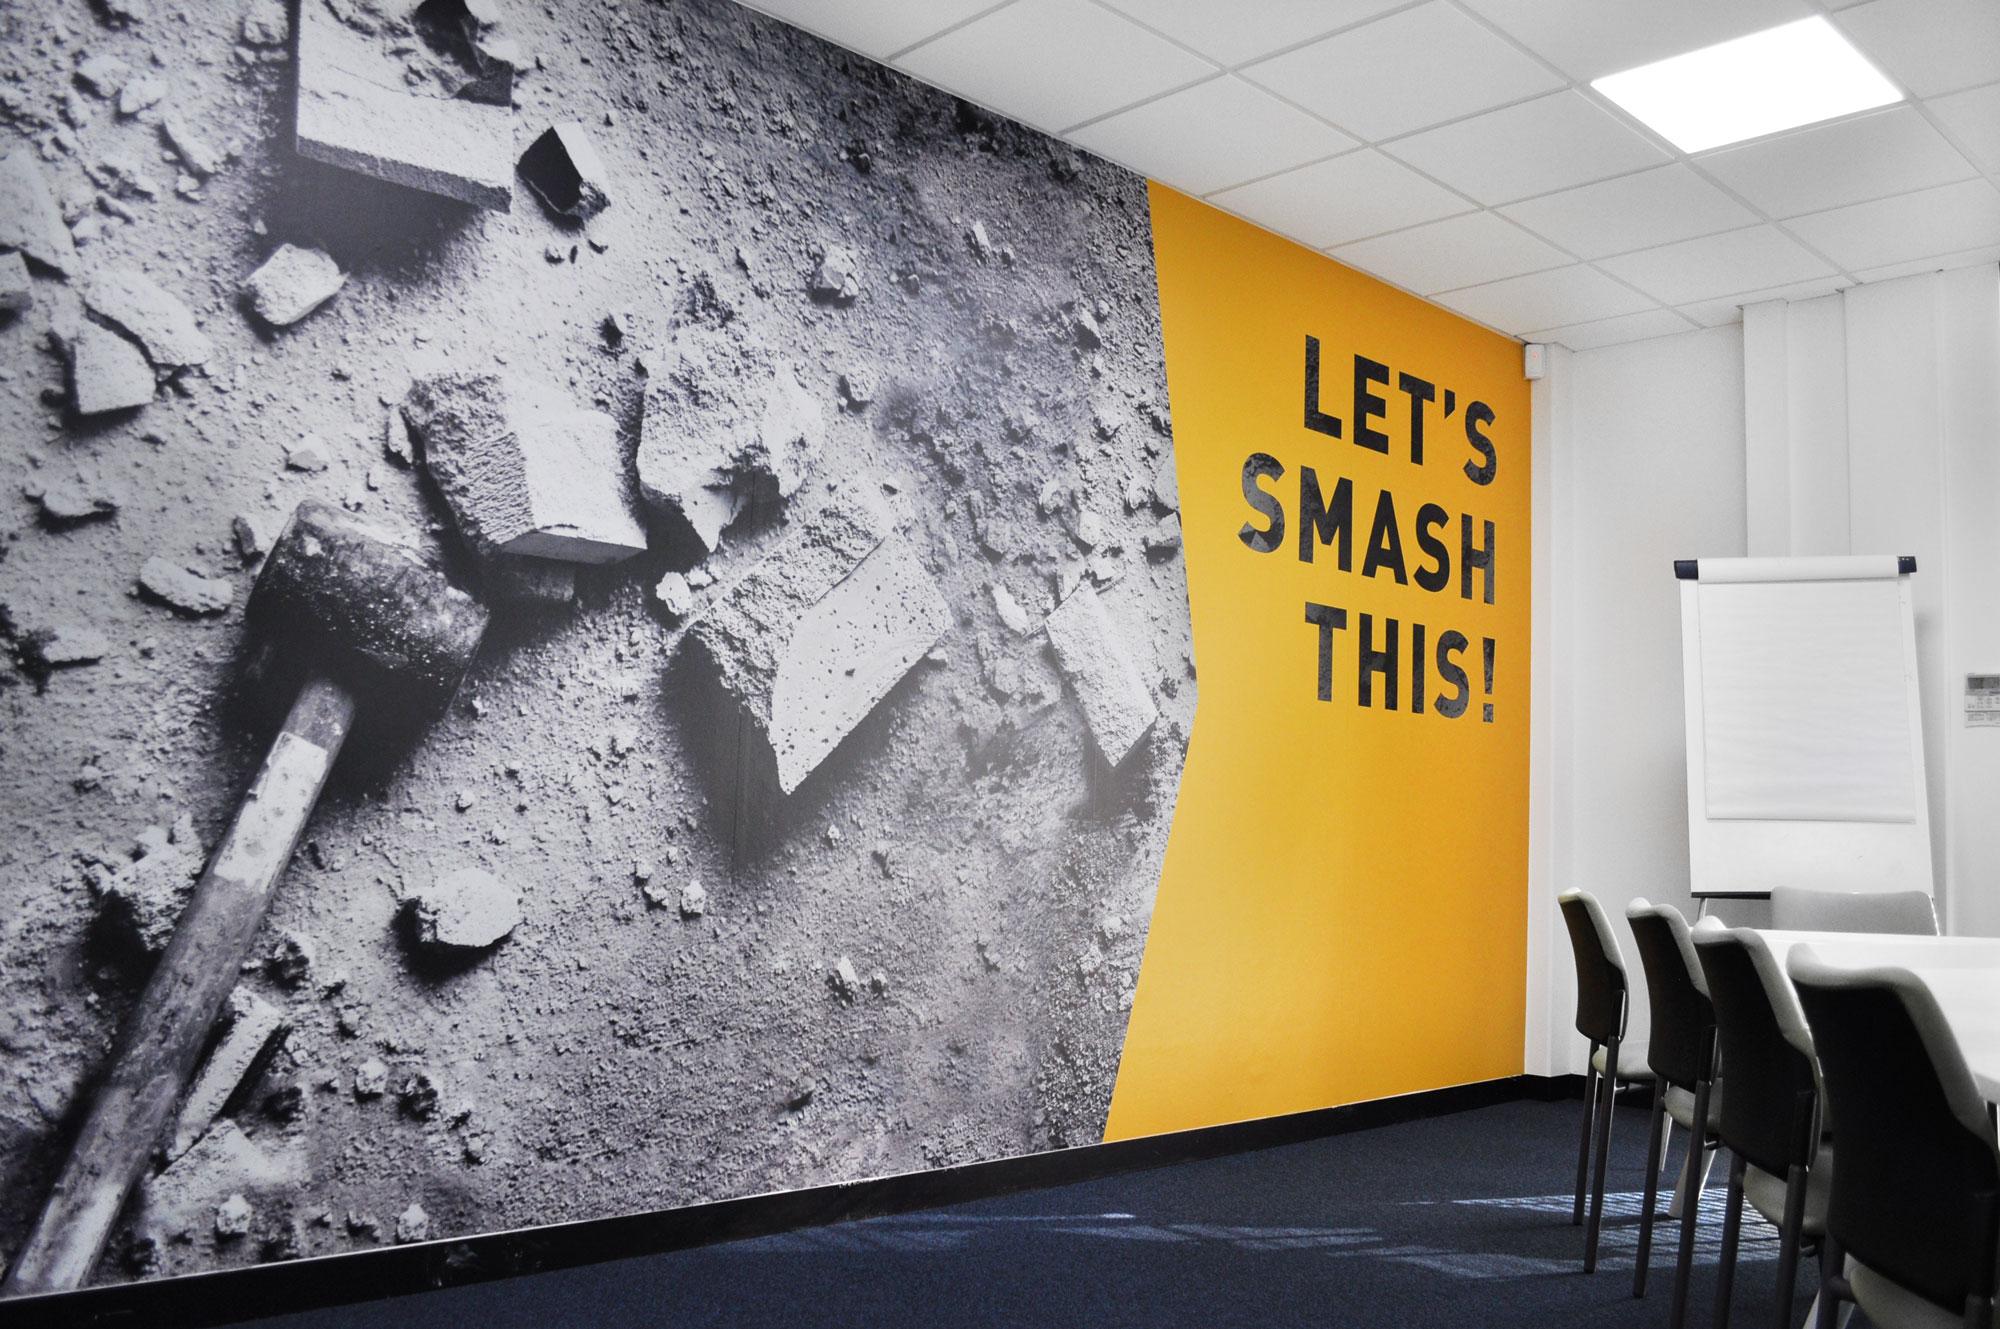 STR Meeting Room